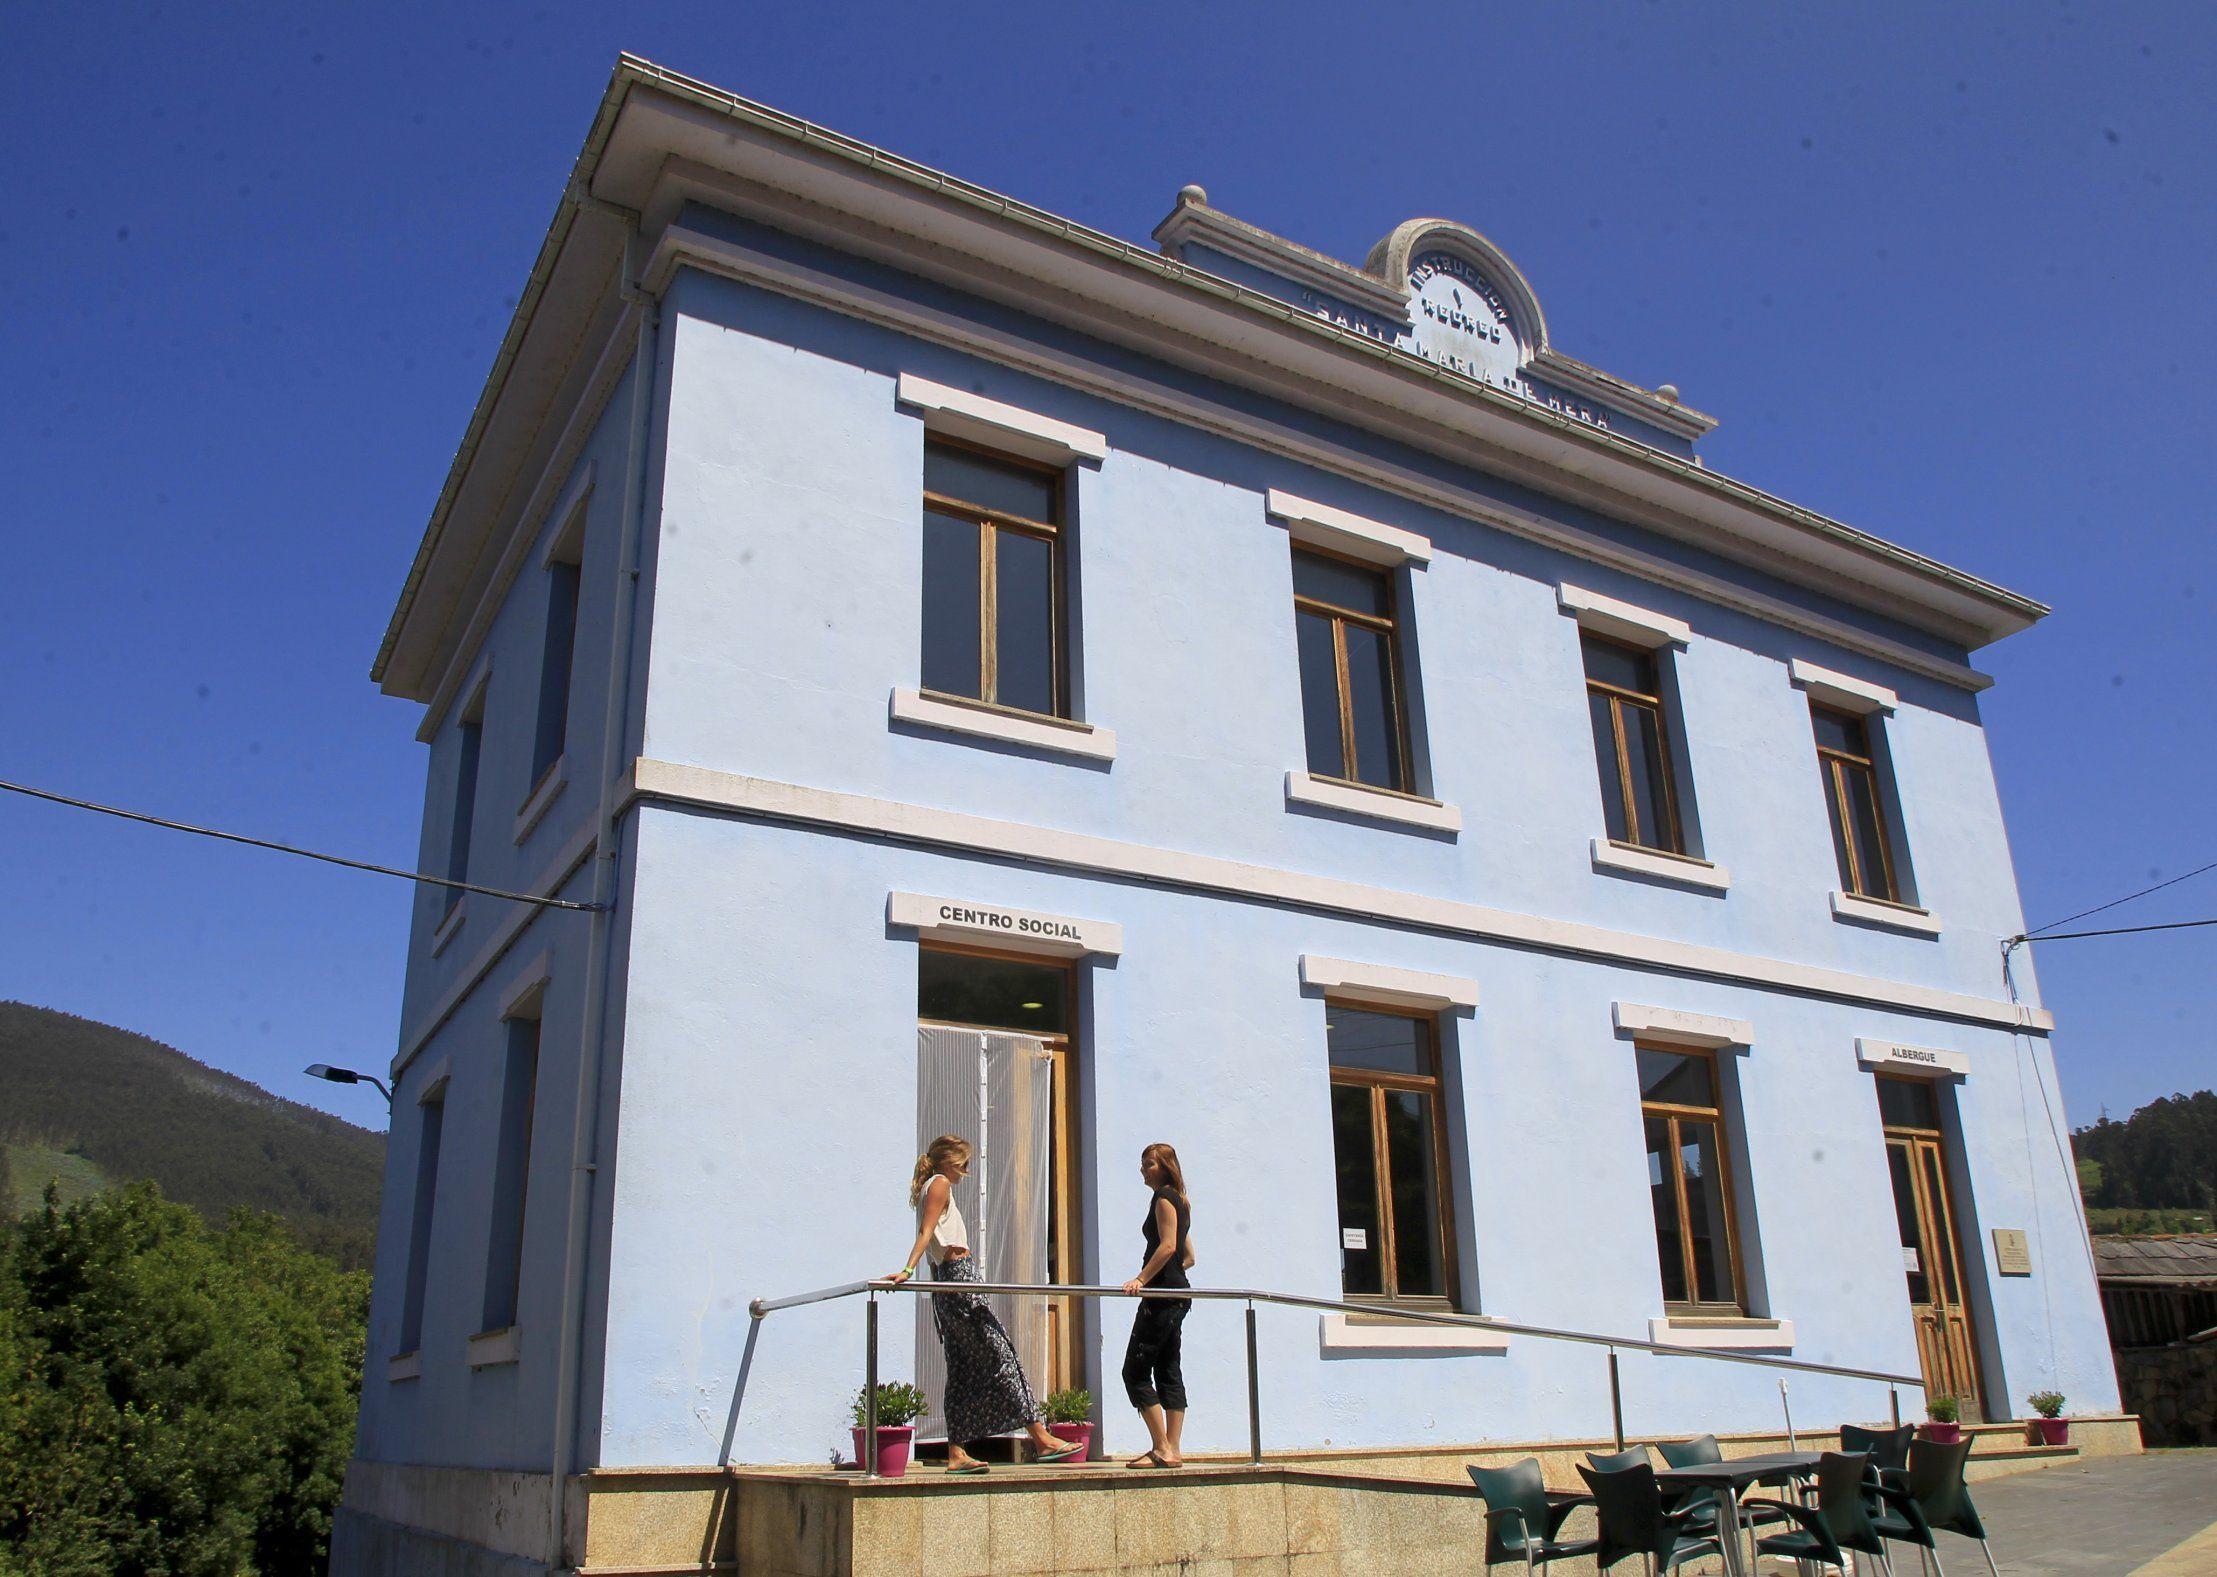 Antiguo escolar de Mera de Arriba, reconvertido en albergue, ahora cerrado